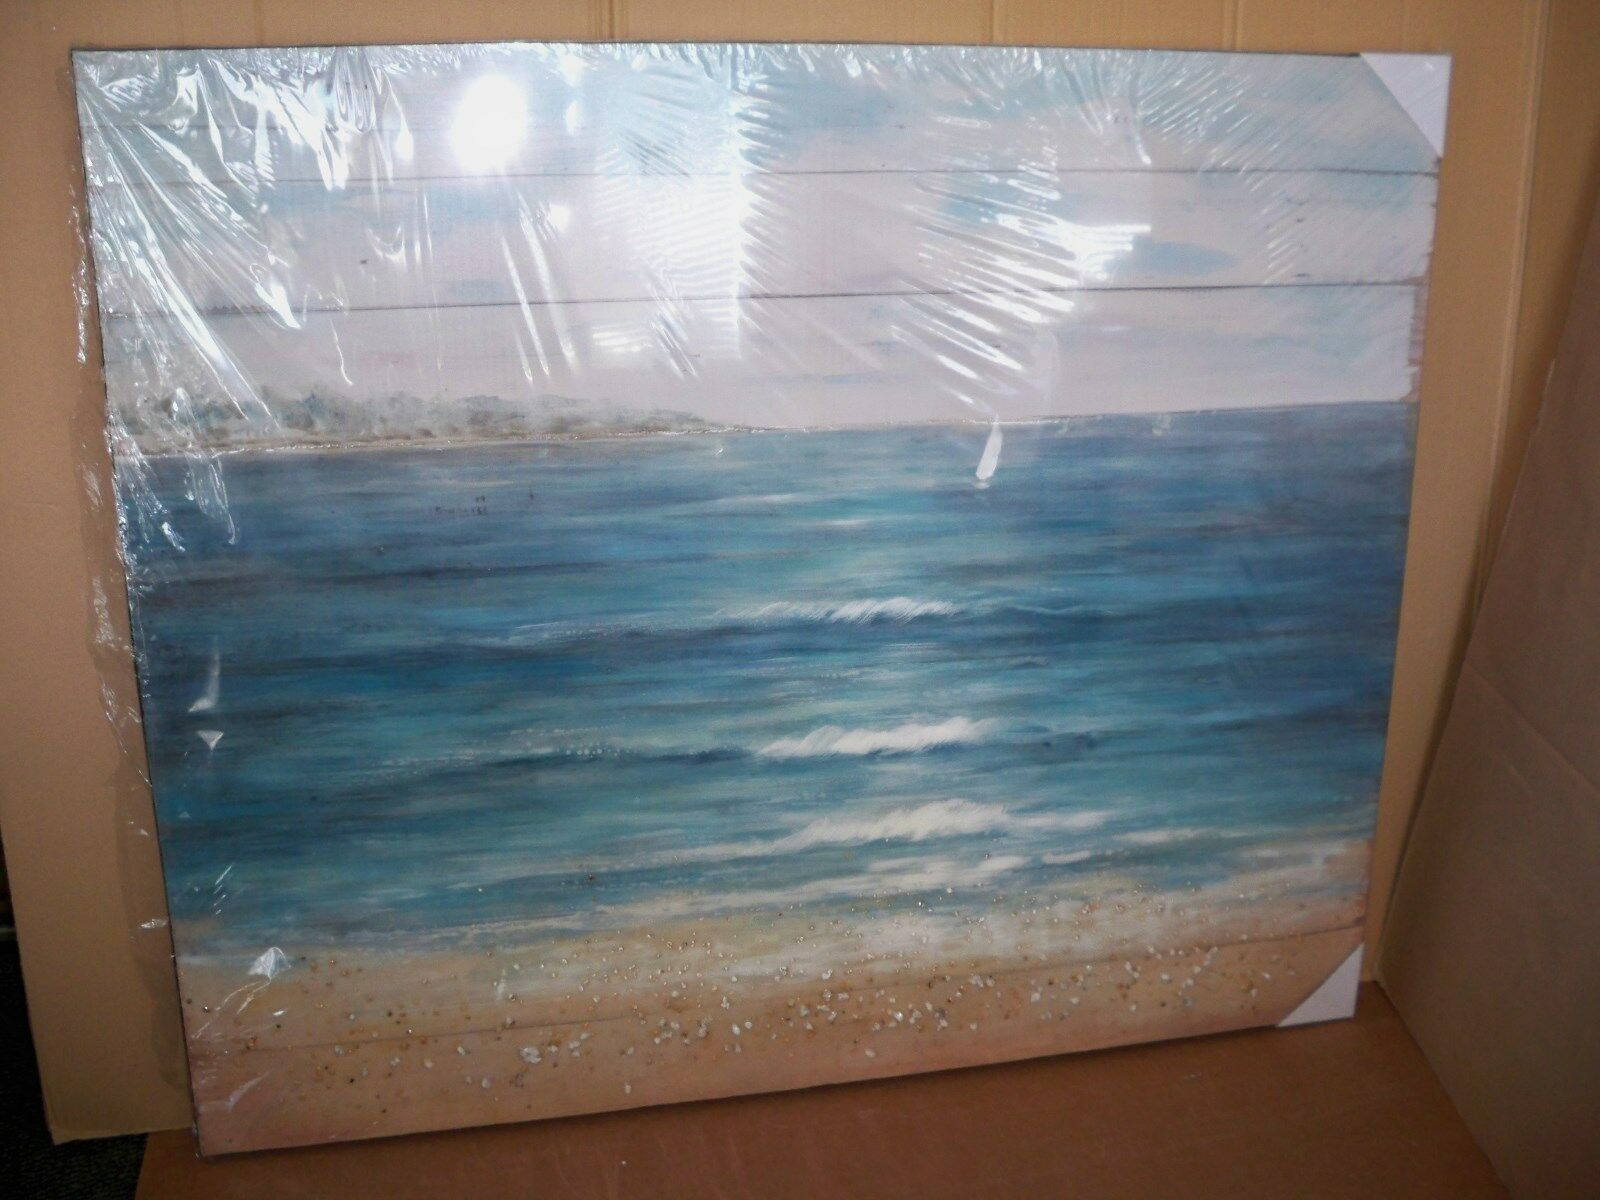 Bild Meeresrauschen, handgearbeitet, ca. B120x H100cm mit echten Steinen